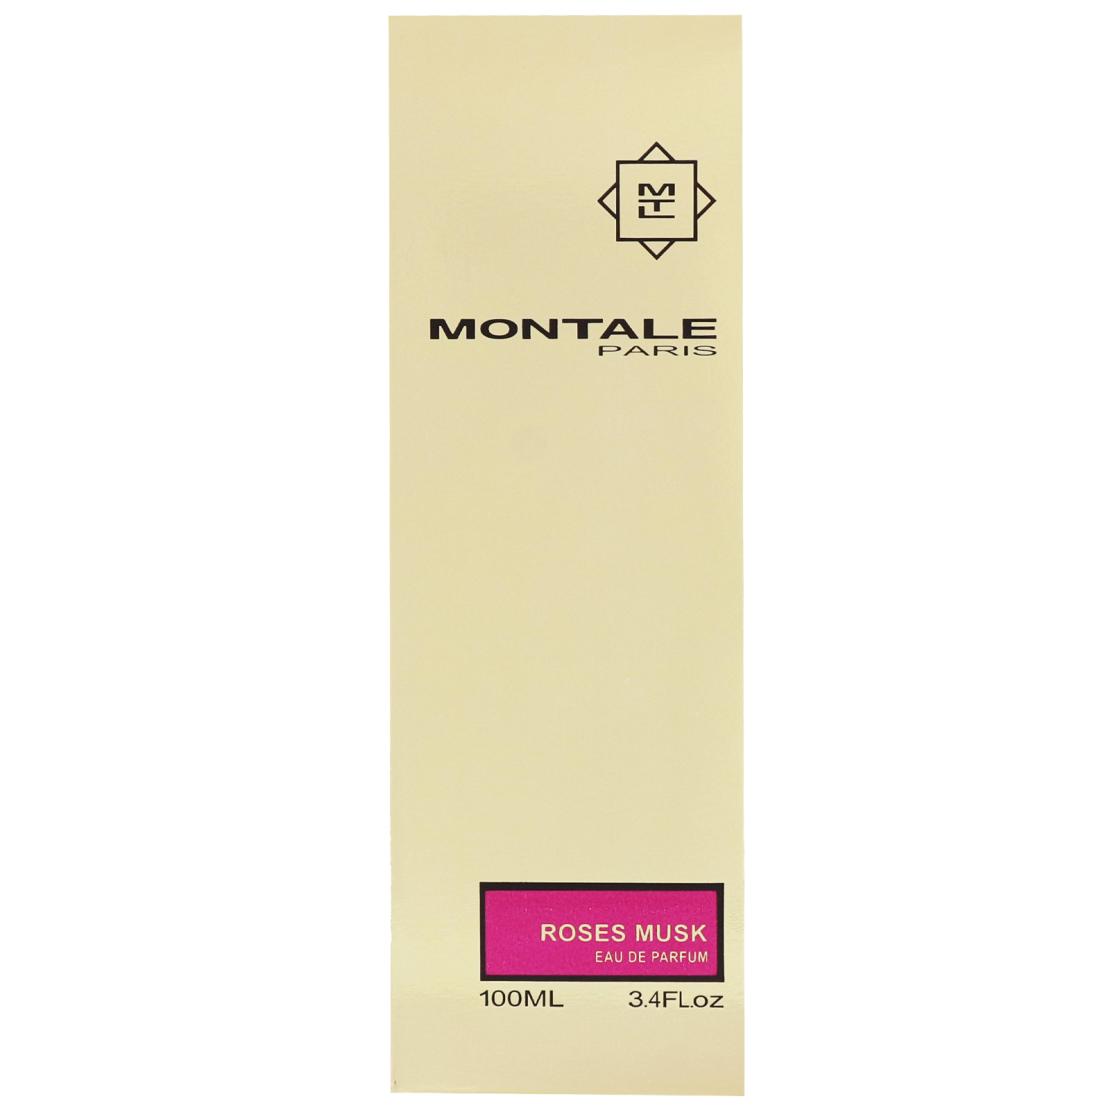 בושם לאשה מונטל רוז מאסק Montale Roses Musk EDP 100 ML